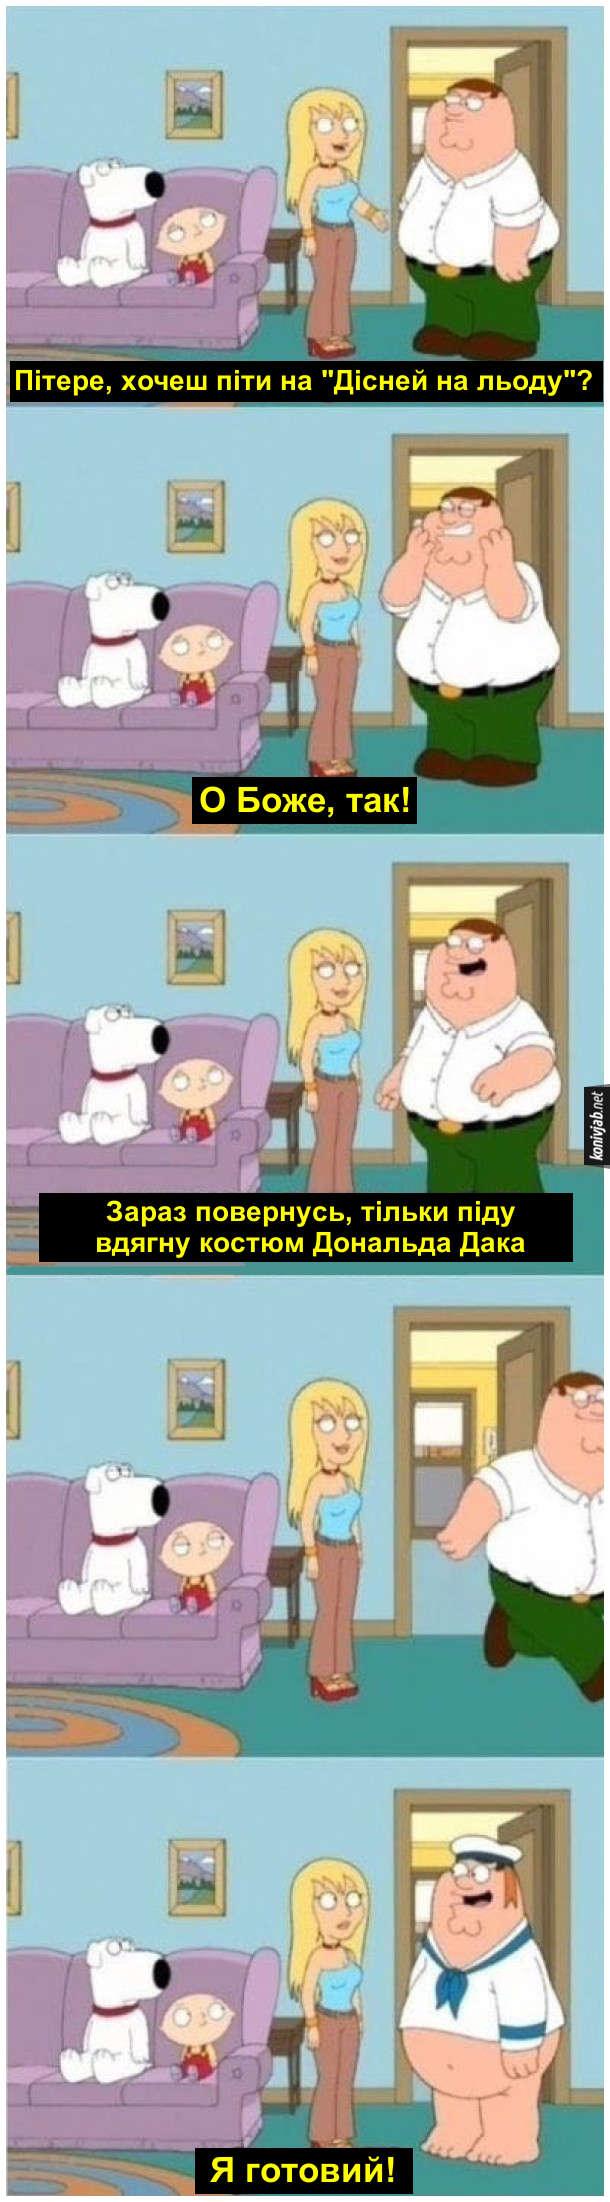 """Прикол з Гріфінів. Смішний епізод з серіалу Family Guy. Джиліан питає Пітера: - Пітере, хочеш піти на """"Дісней на льоду""""? Пітер: - О Боже, так! Зараз повернусь, тільки піду вдягну костюм Дональда Дака. Побіг і невдовзі прибіг в костюмі Дональда і без трусів (як і Дональд Дак) - Я готовий!"""